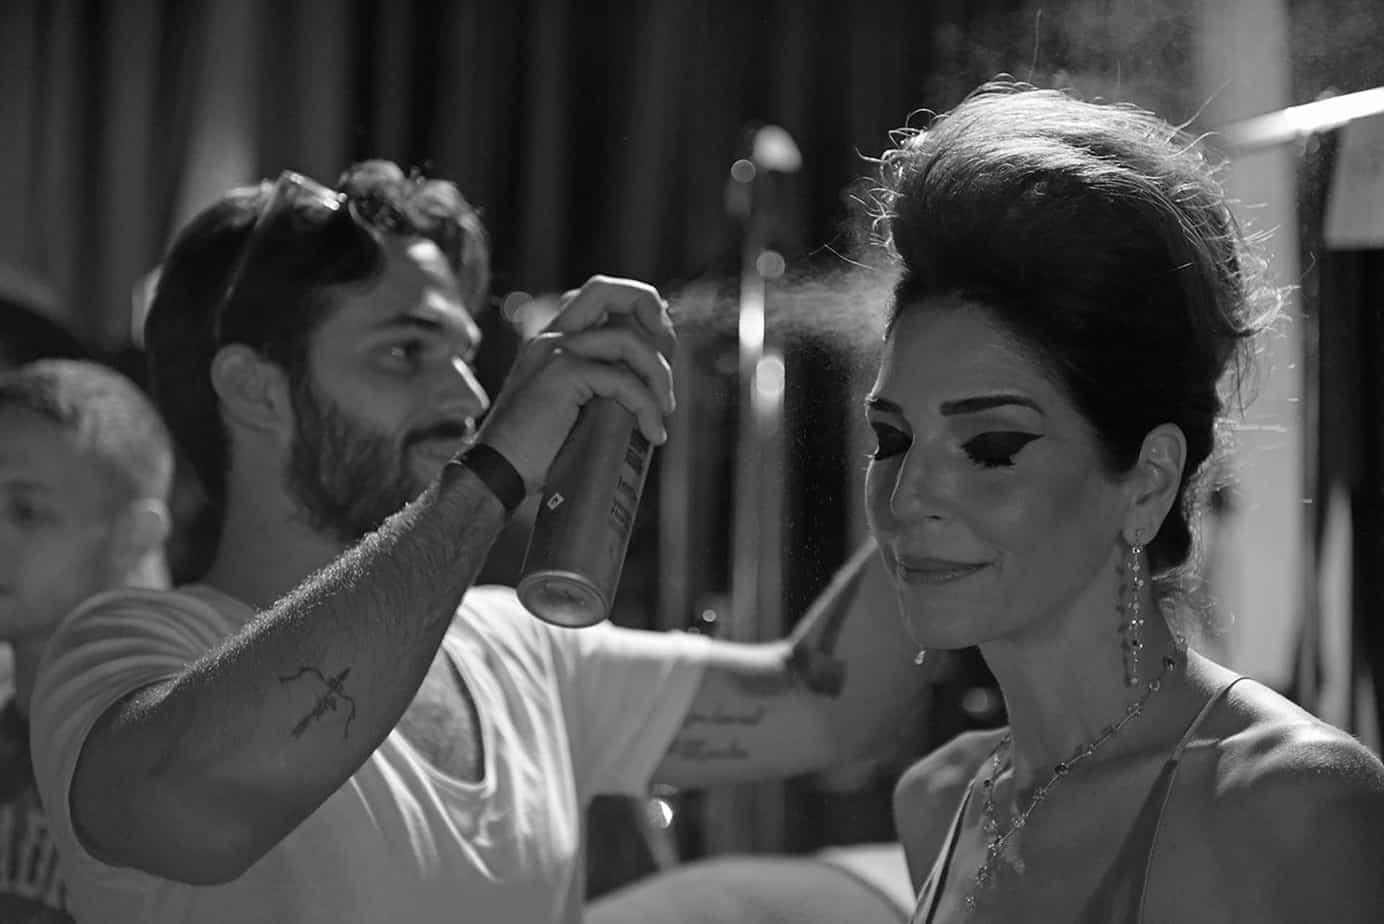 רוח נשית. שבוע האופנה תל אביב 2019. צילום סרג'ו סטרודובצב - 11